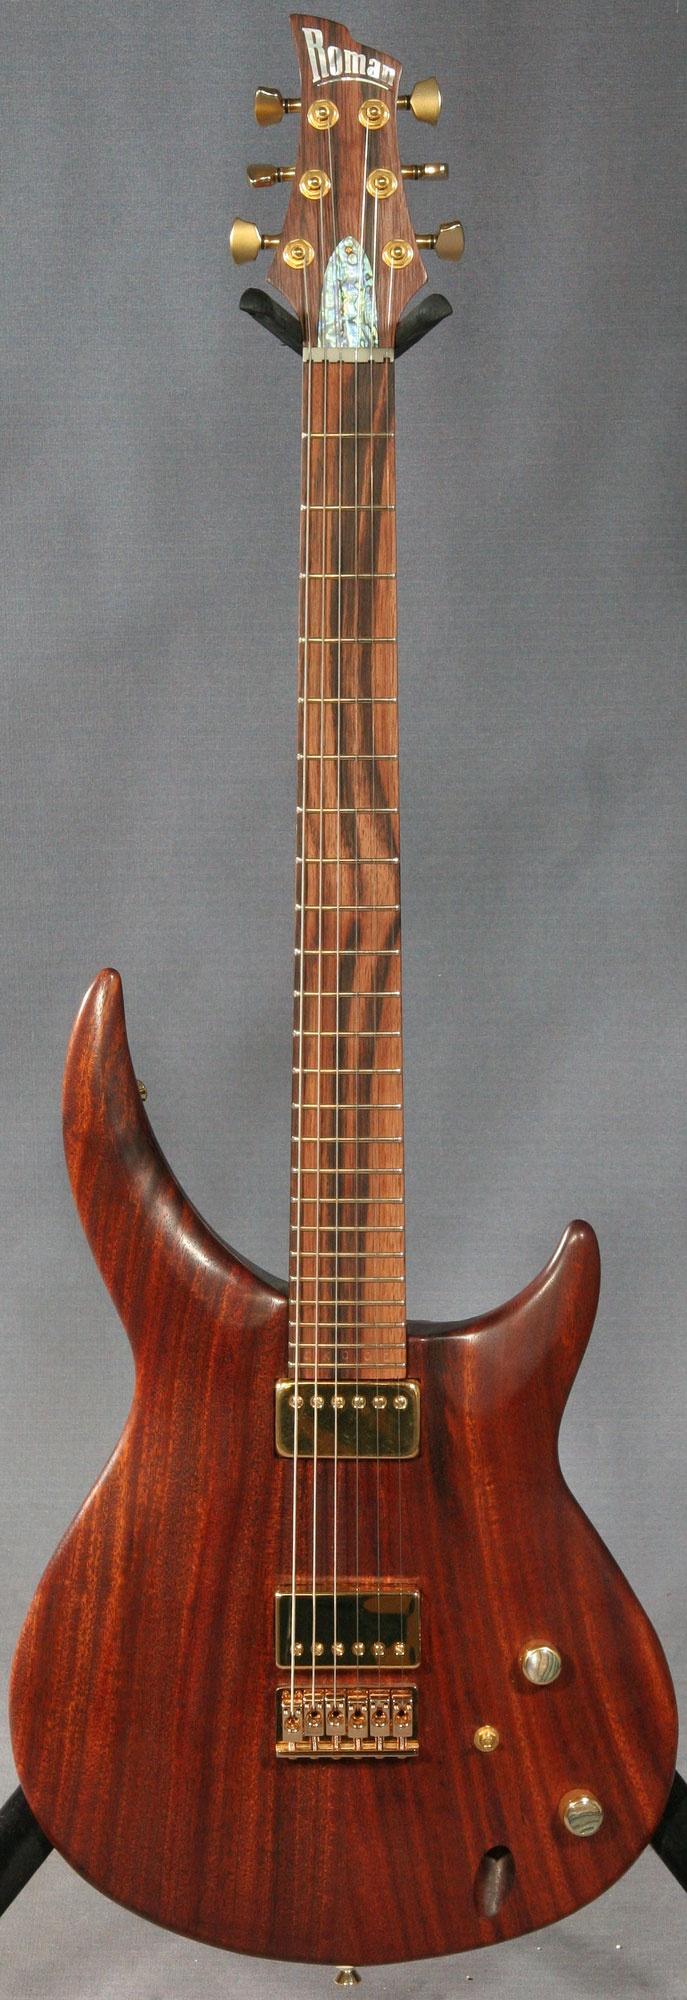 Roman Kantana Guitars